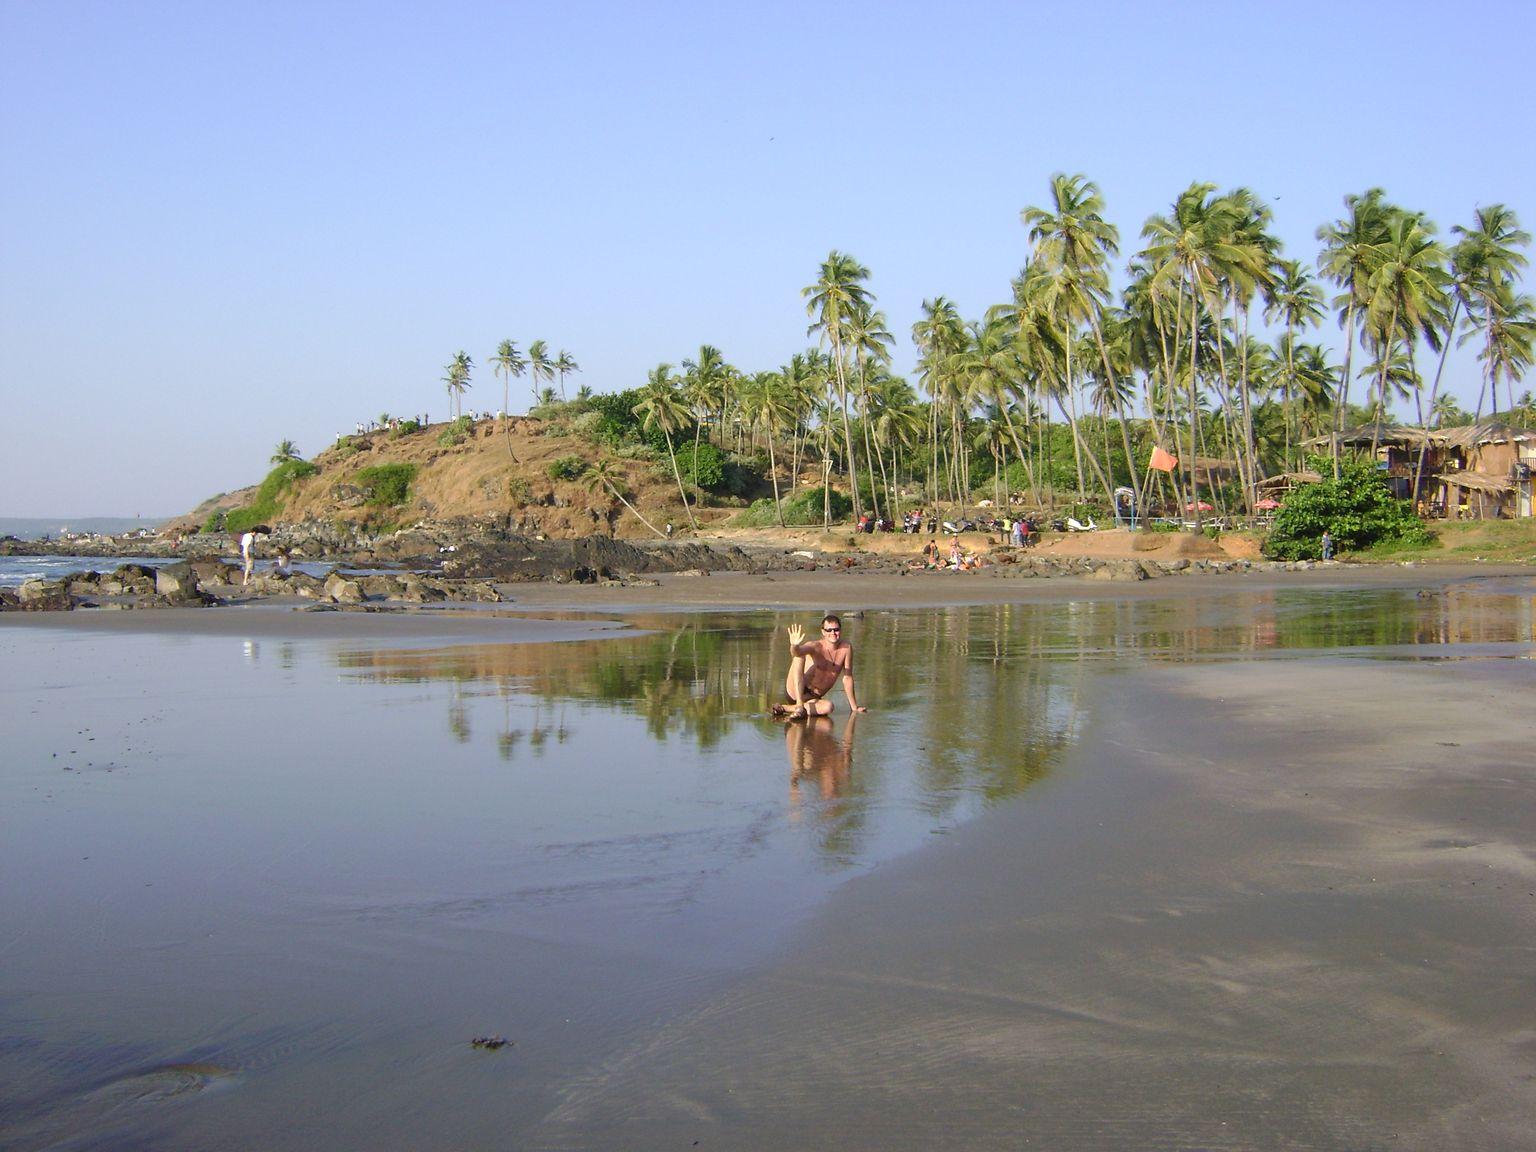 Пляж арамболь на гоа фото